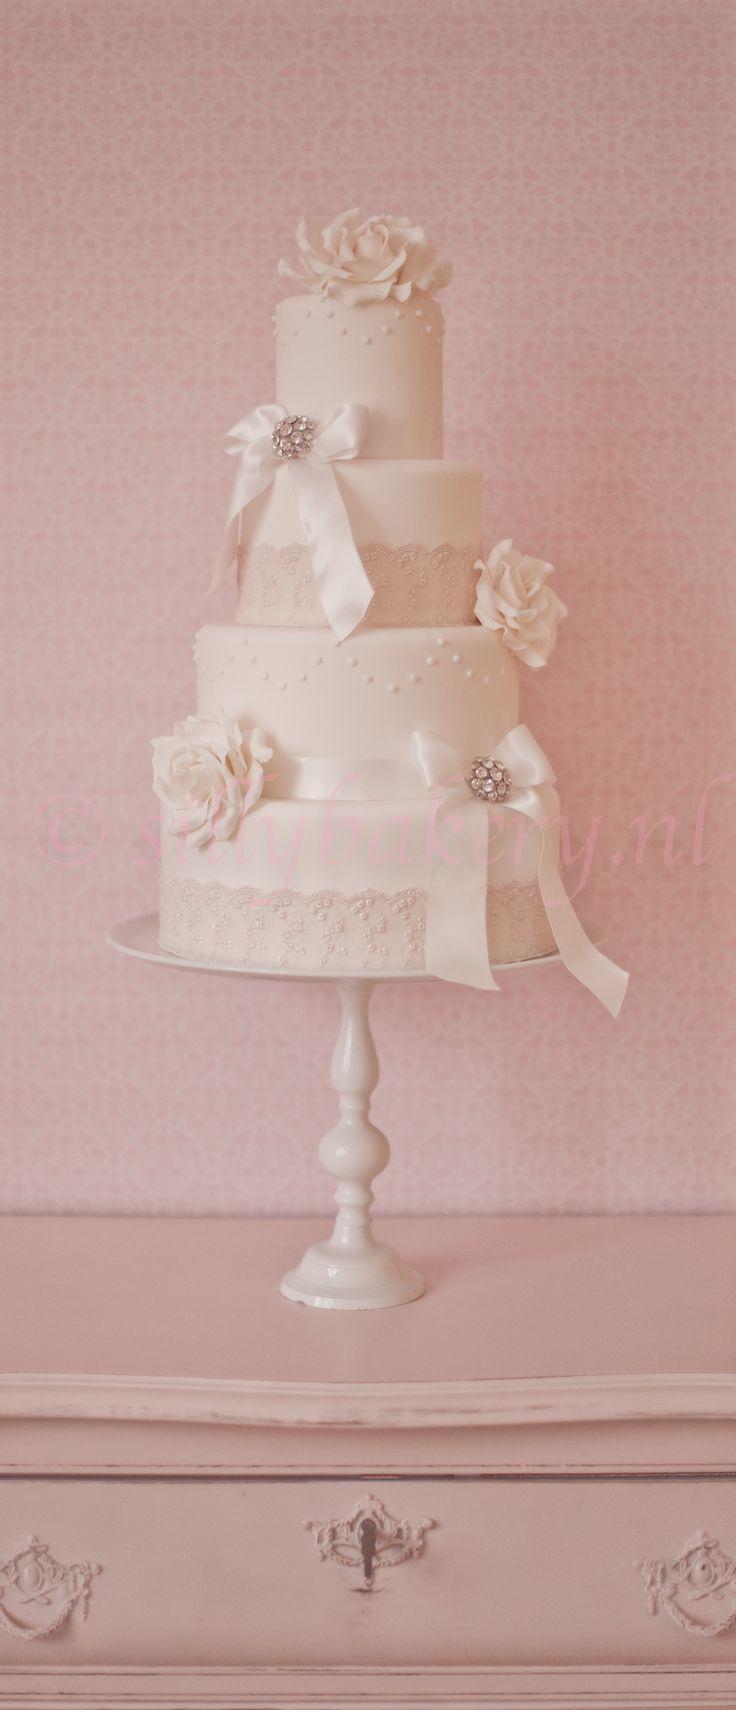 35 best WEDDING CAKES images on Pinterest | Cake wedding, Groom cake ...